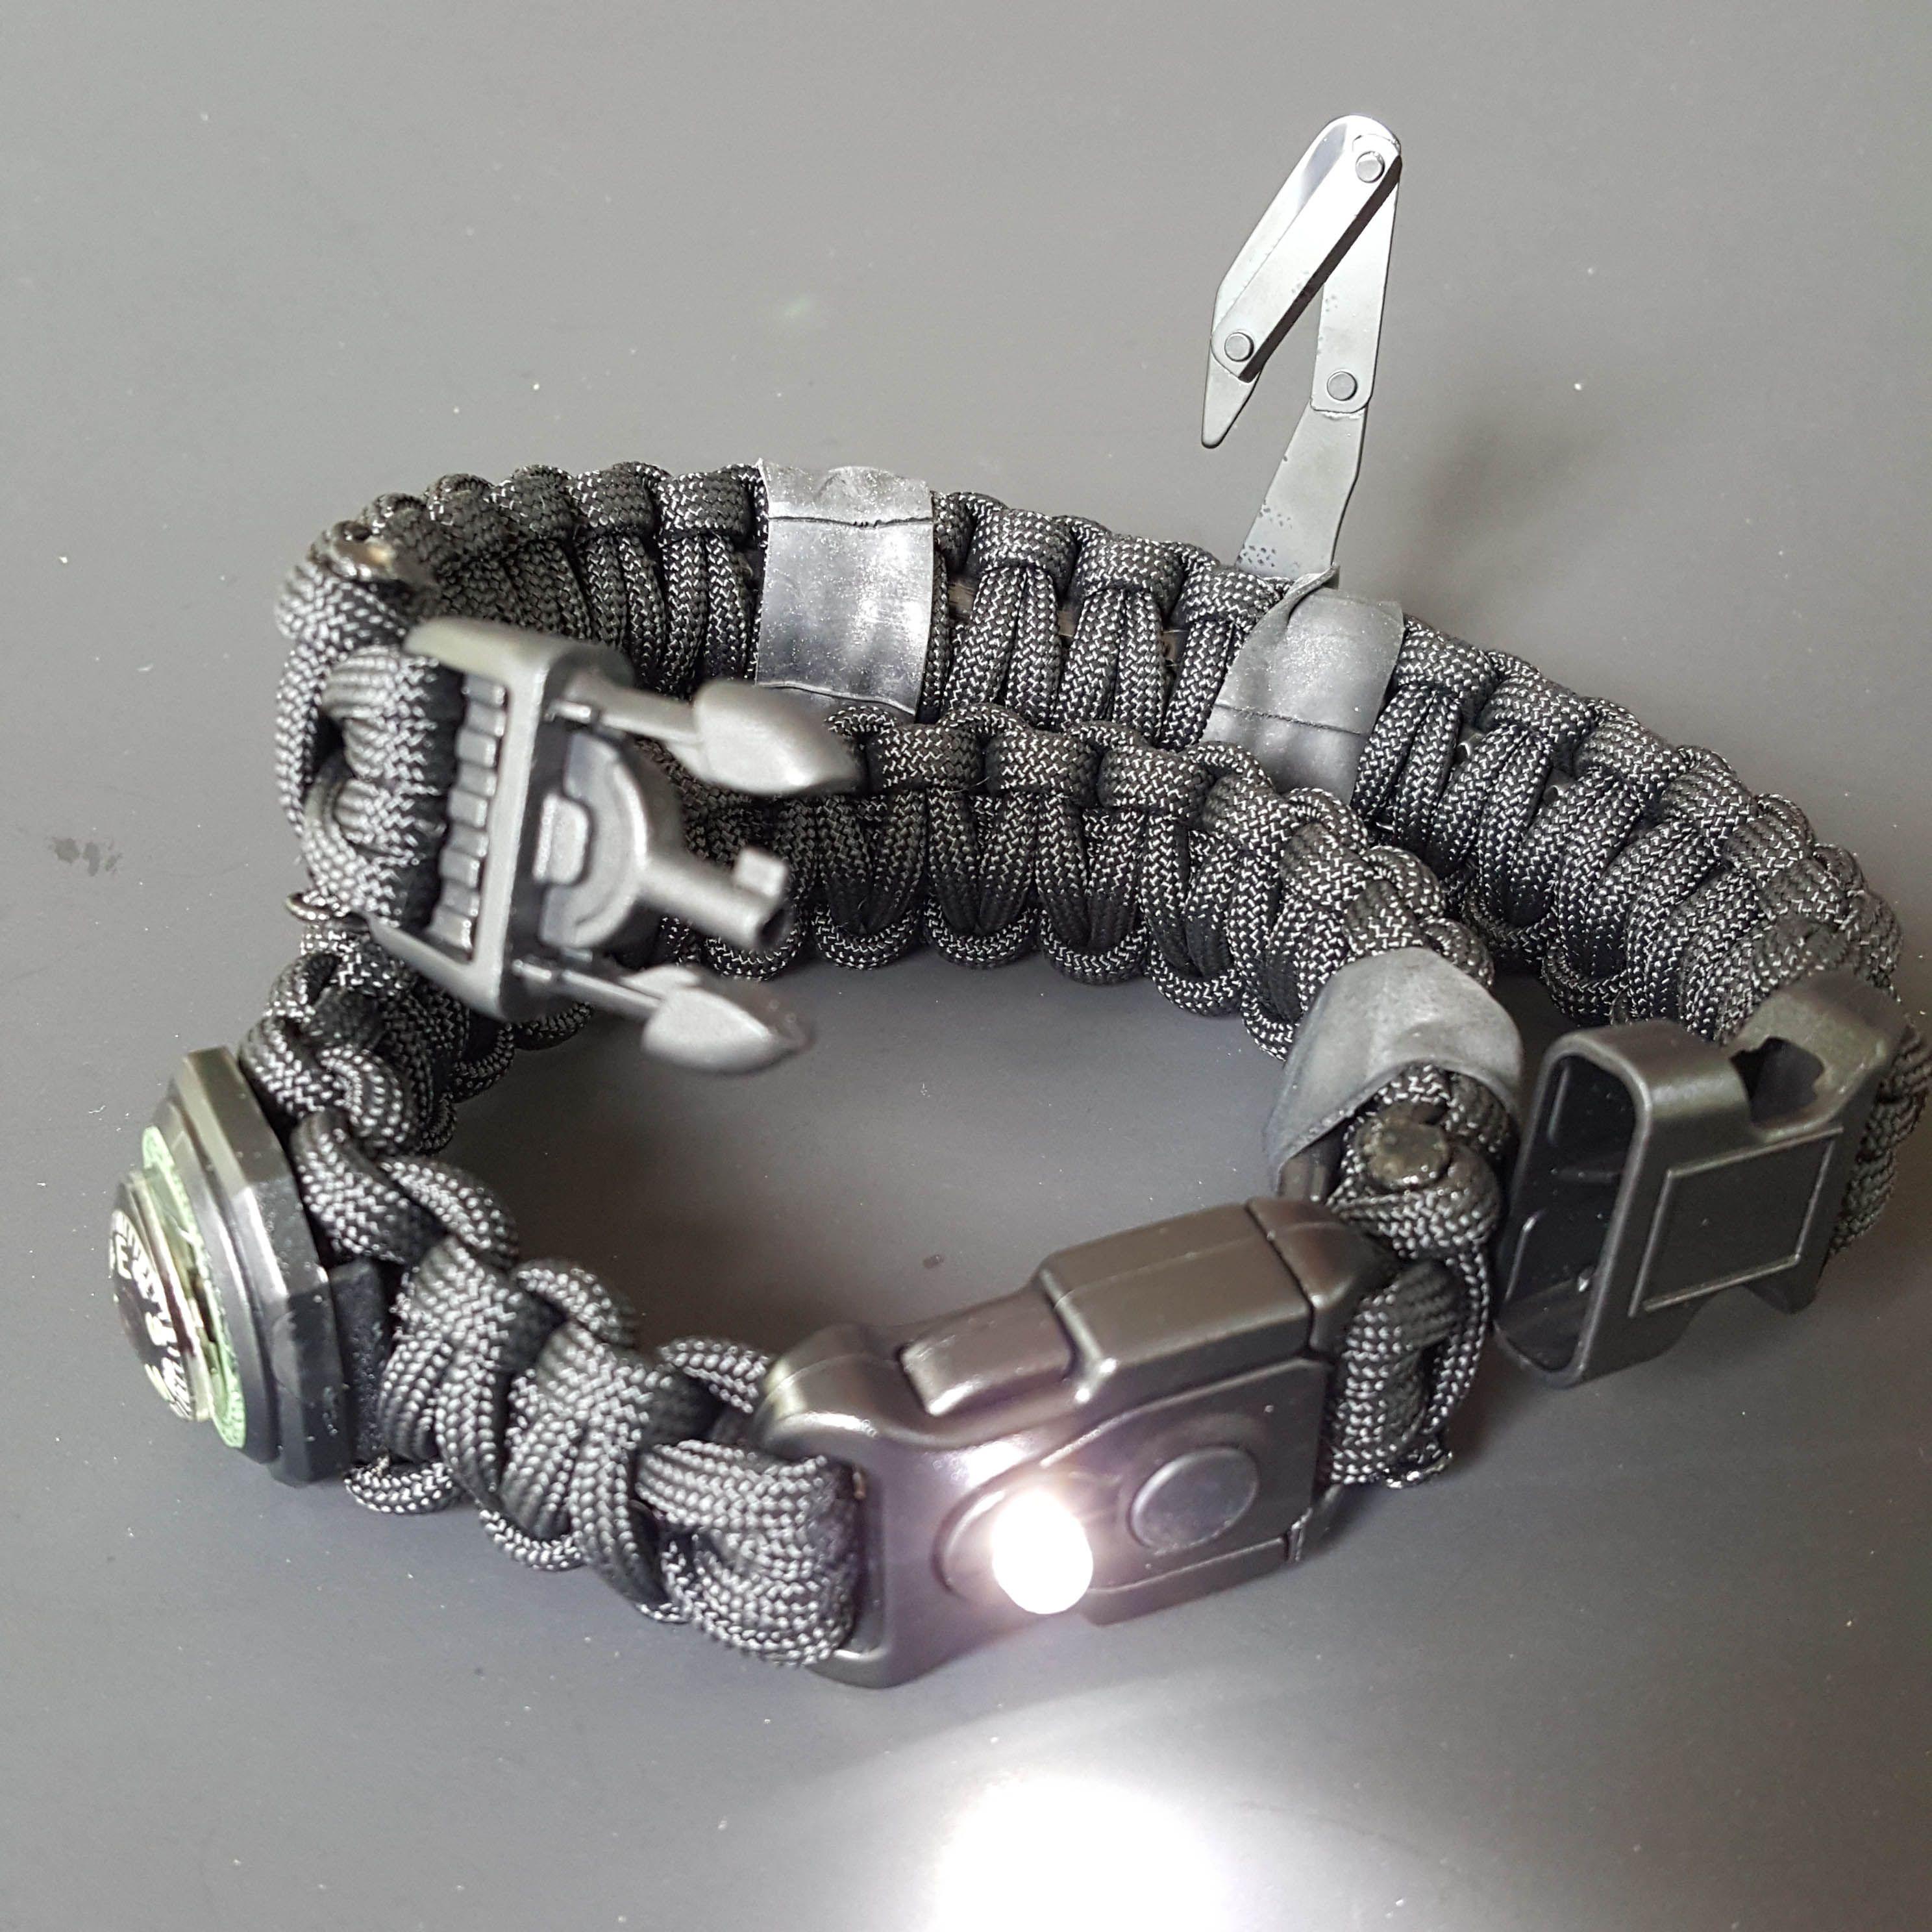 Aegis Gears Model X Paracord Survival Bracelet Paracord